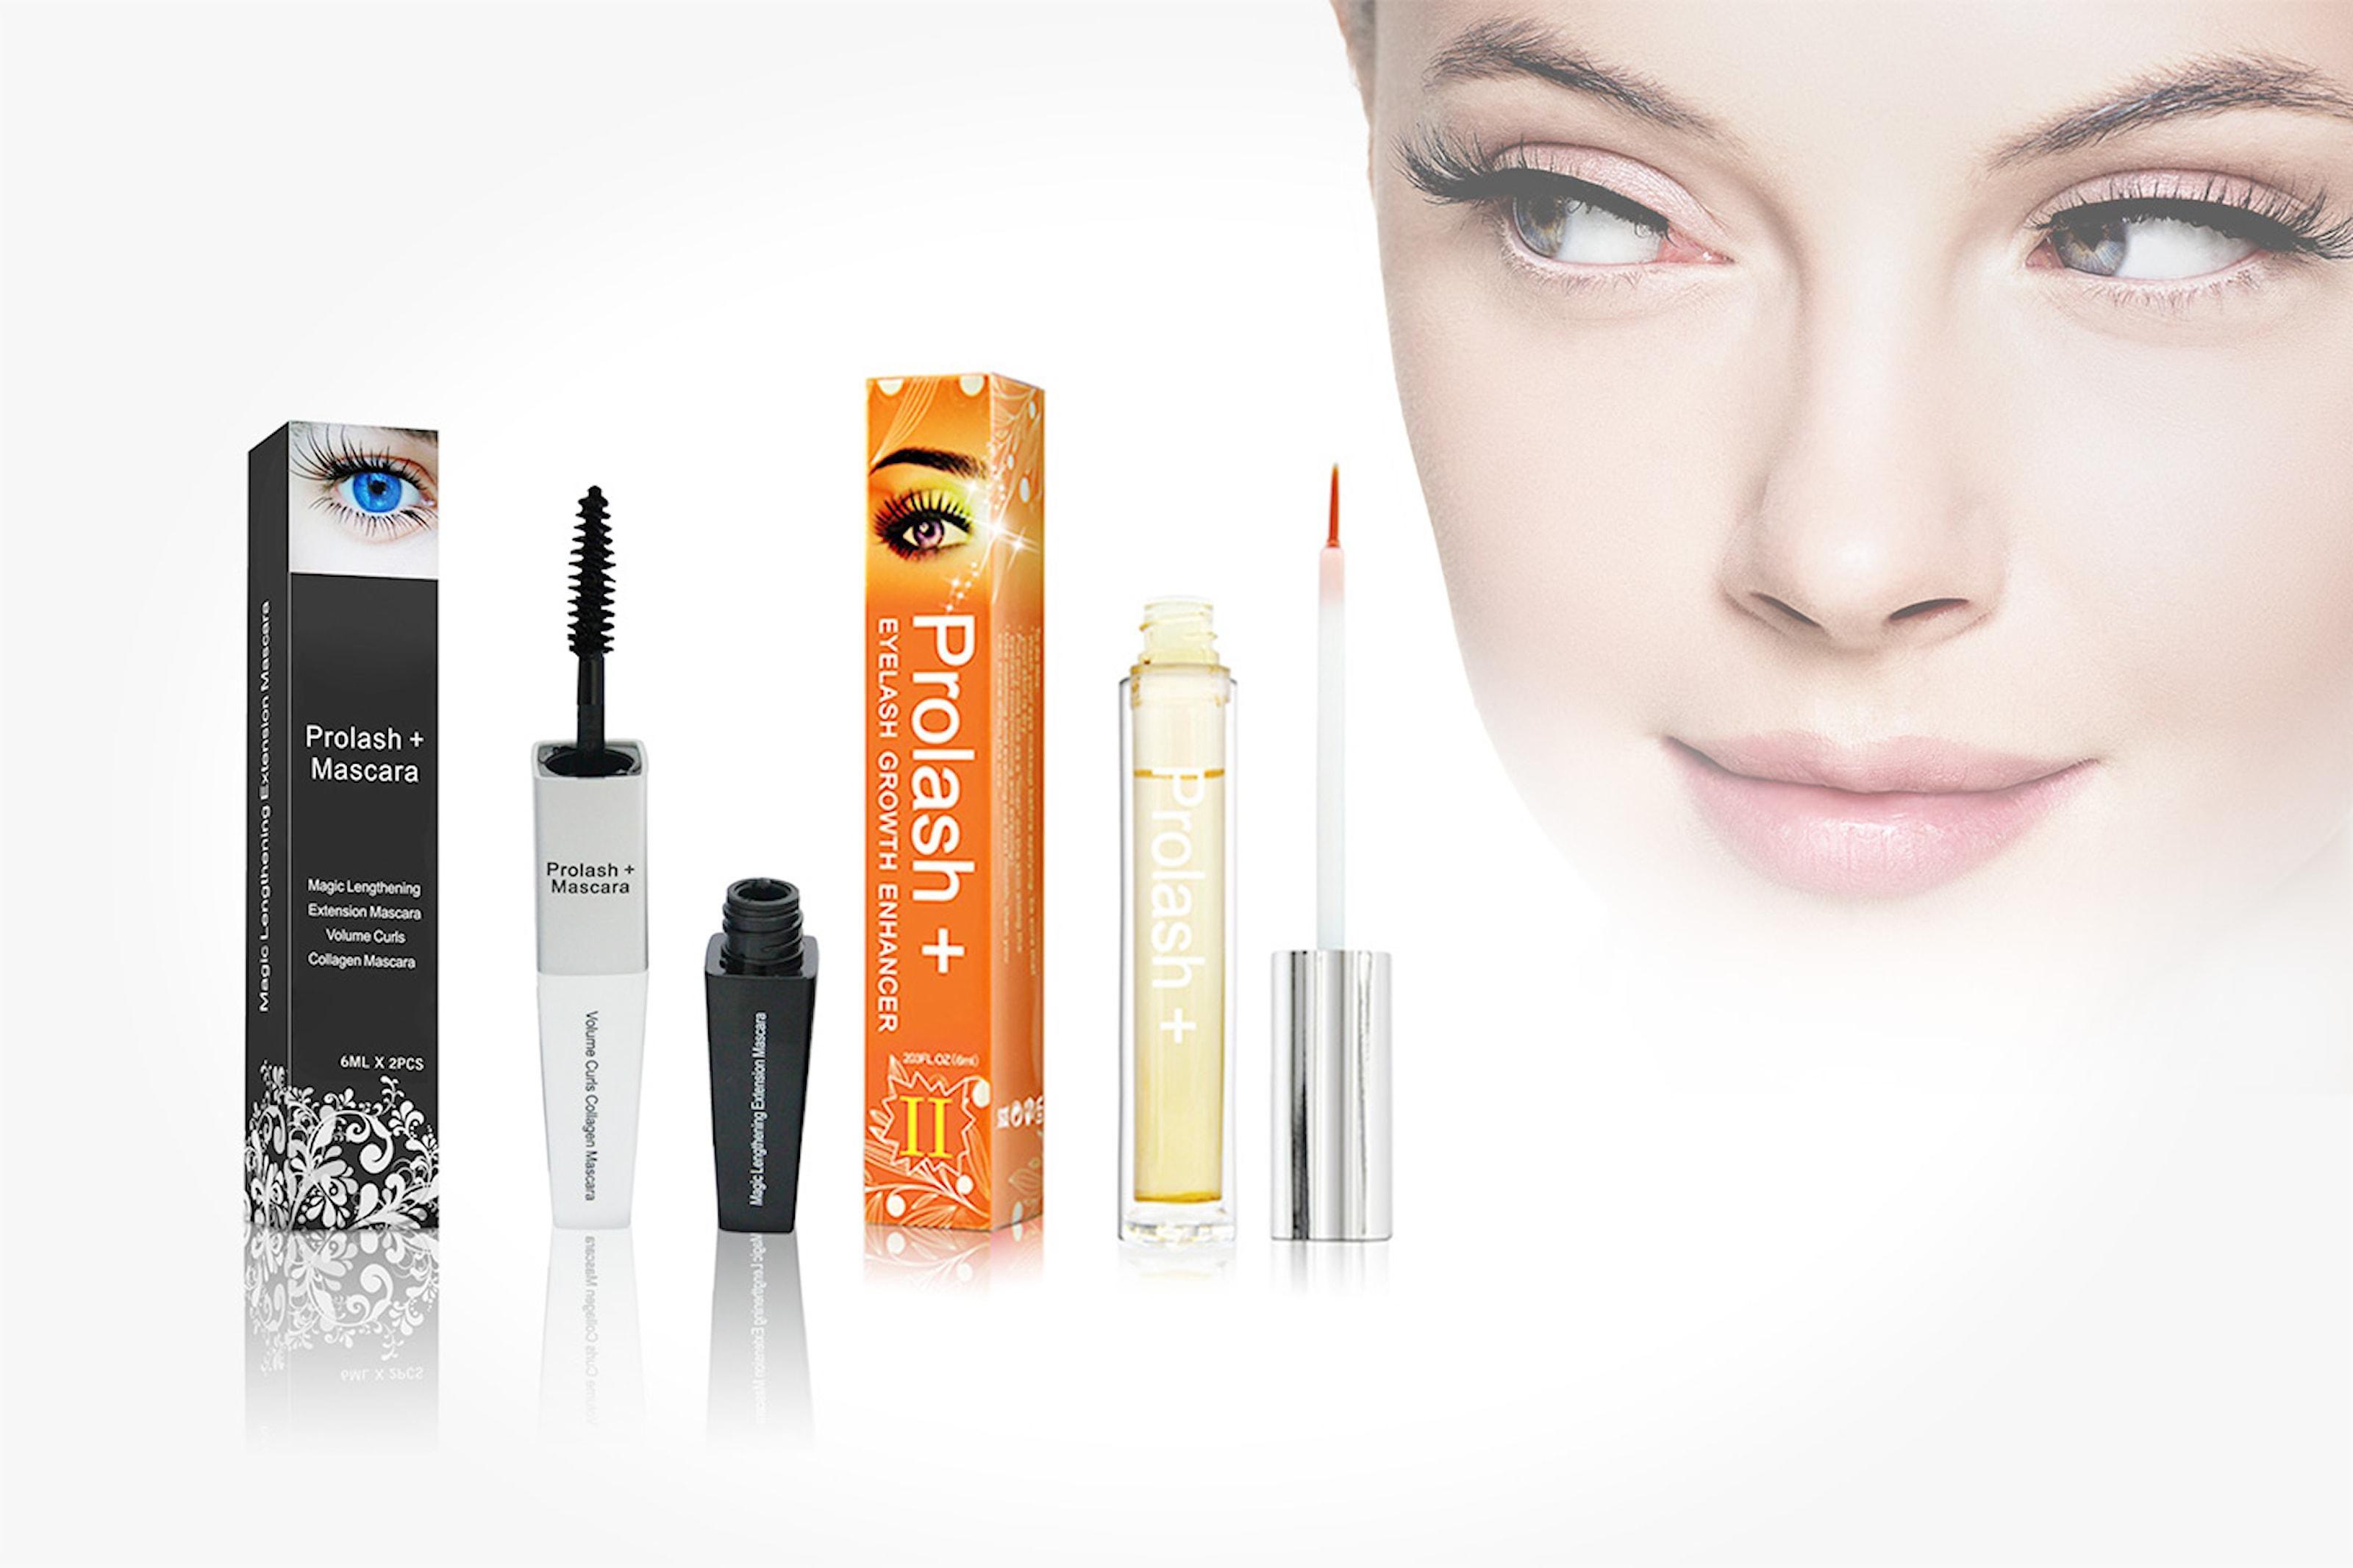 För längre fransar: Serum- & mascara-kit